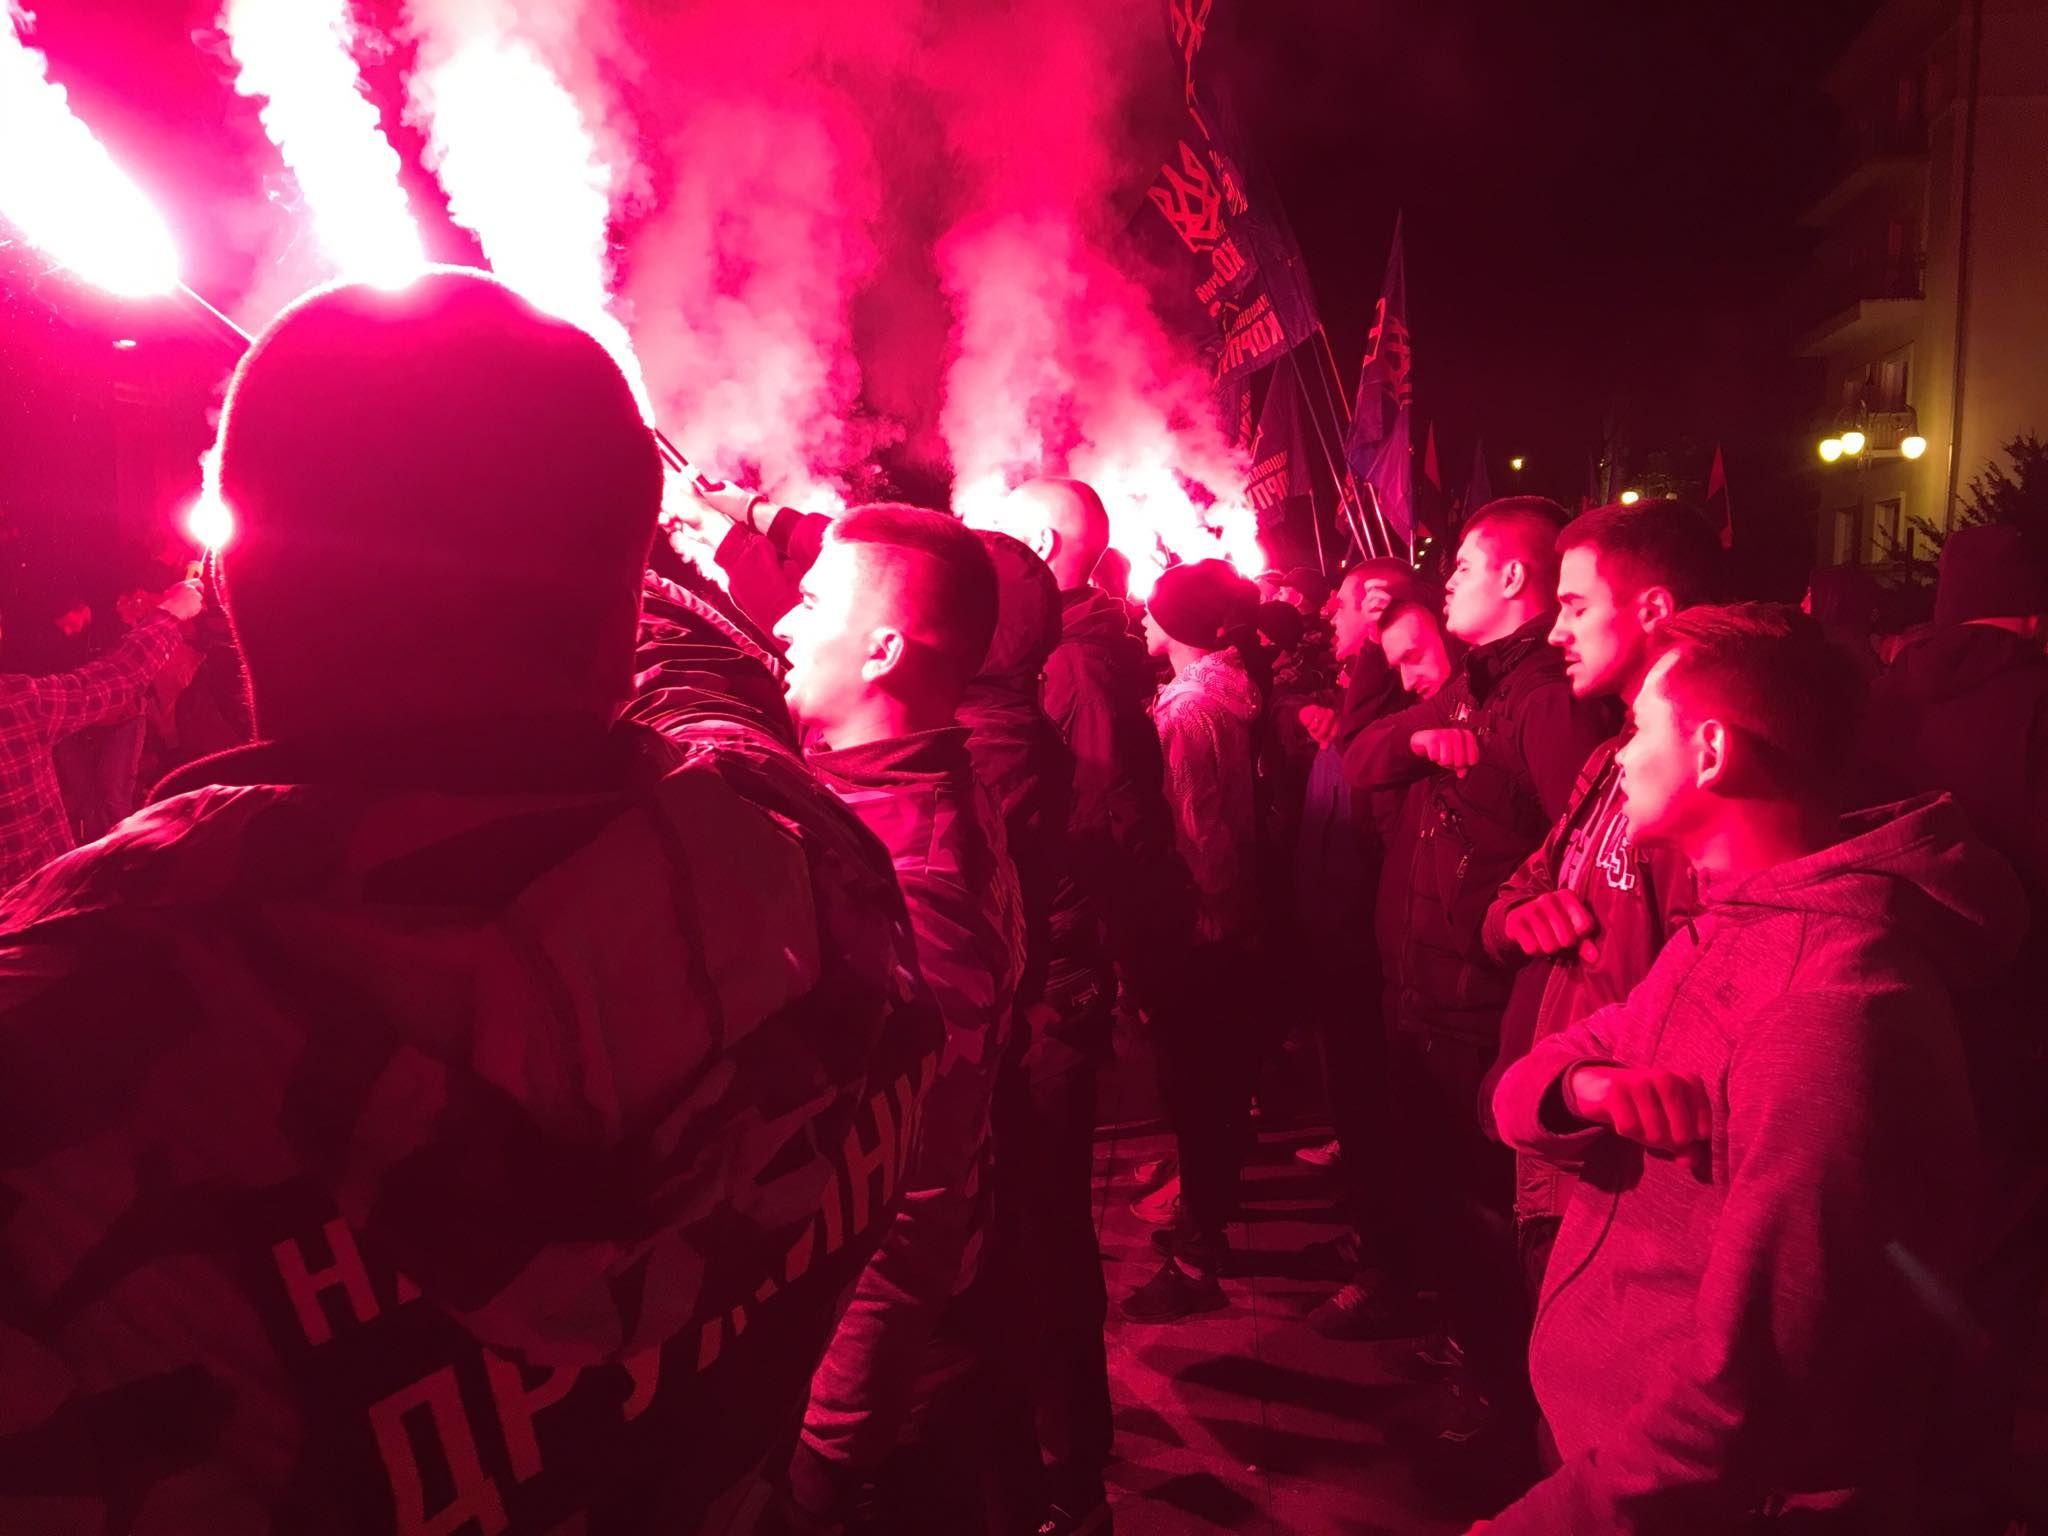 Под ОПУ устроили протест из-за формулы Штайнмайера и зажгли файеры: фото, видео - Новости Киева - 24 Канал